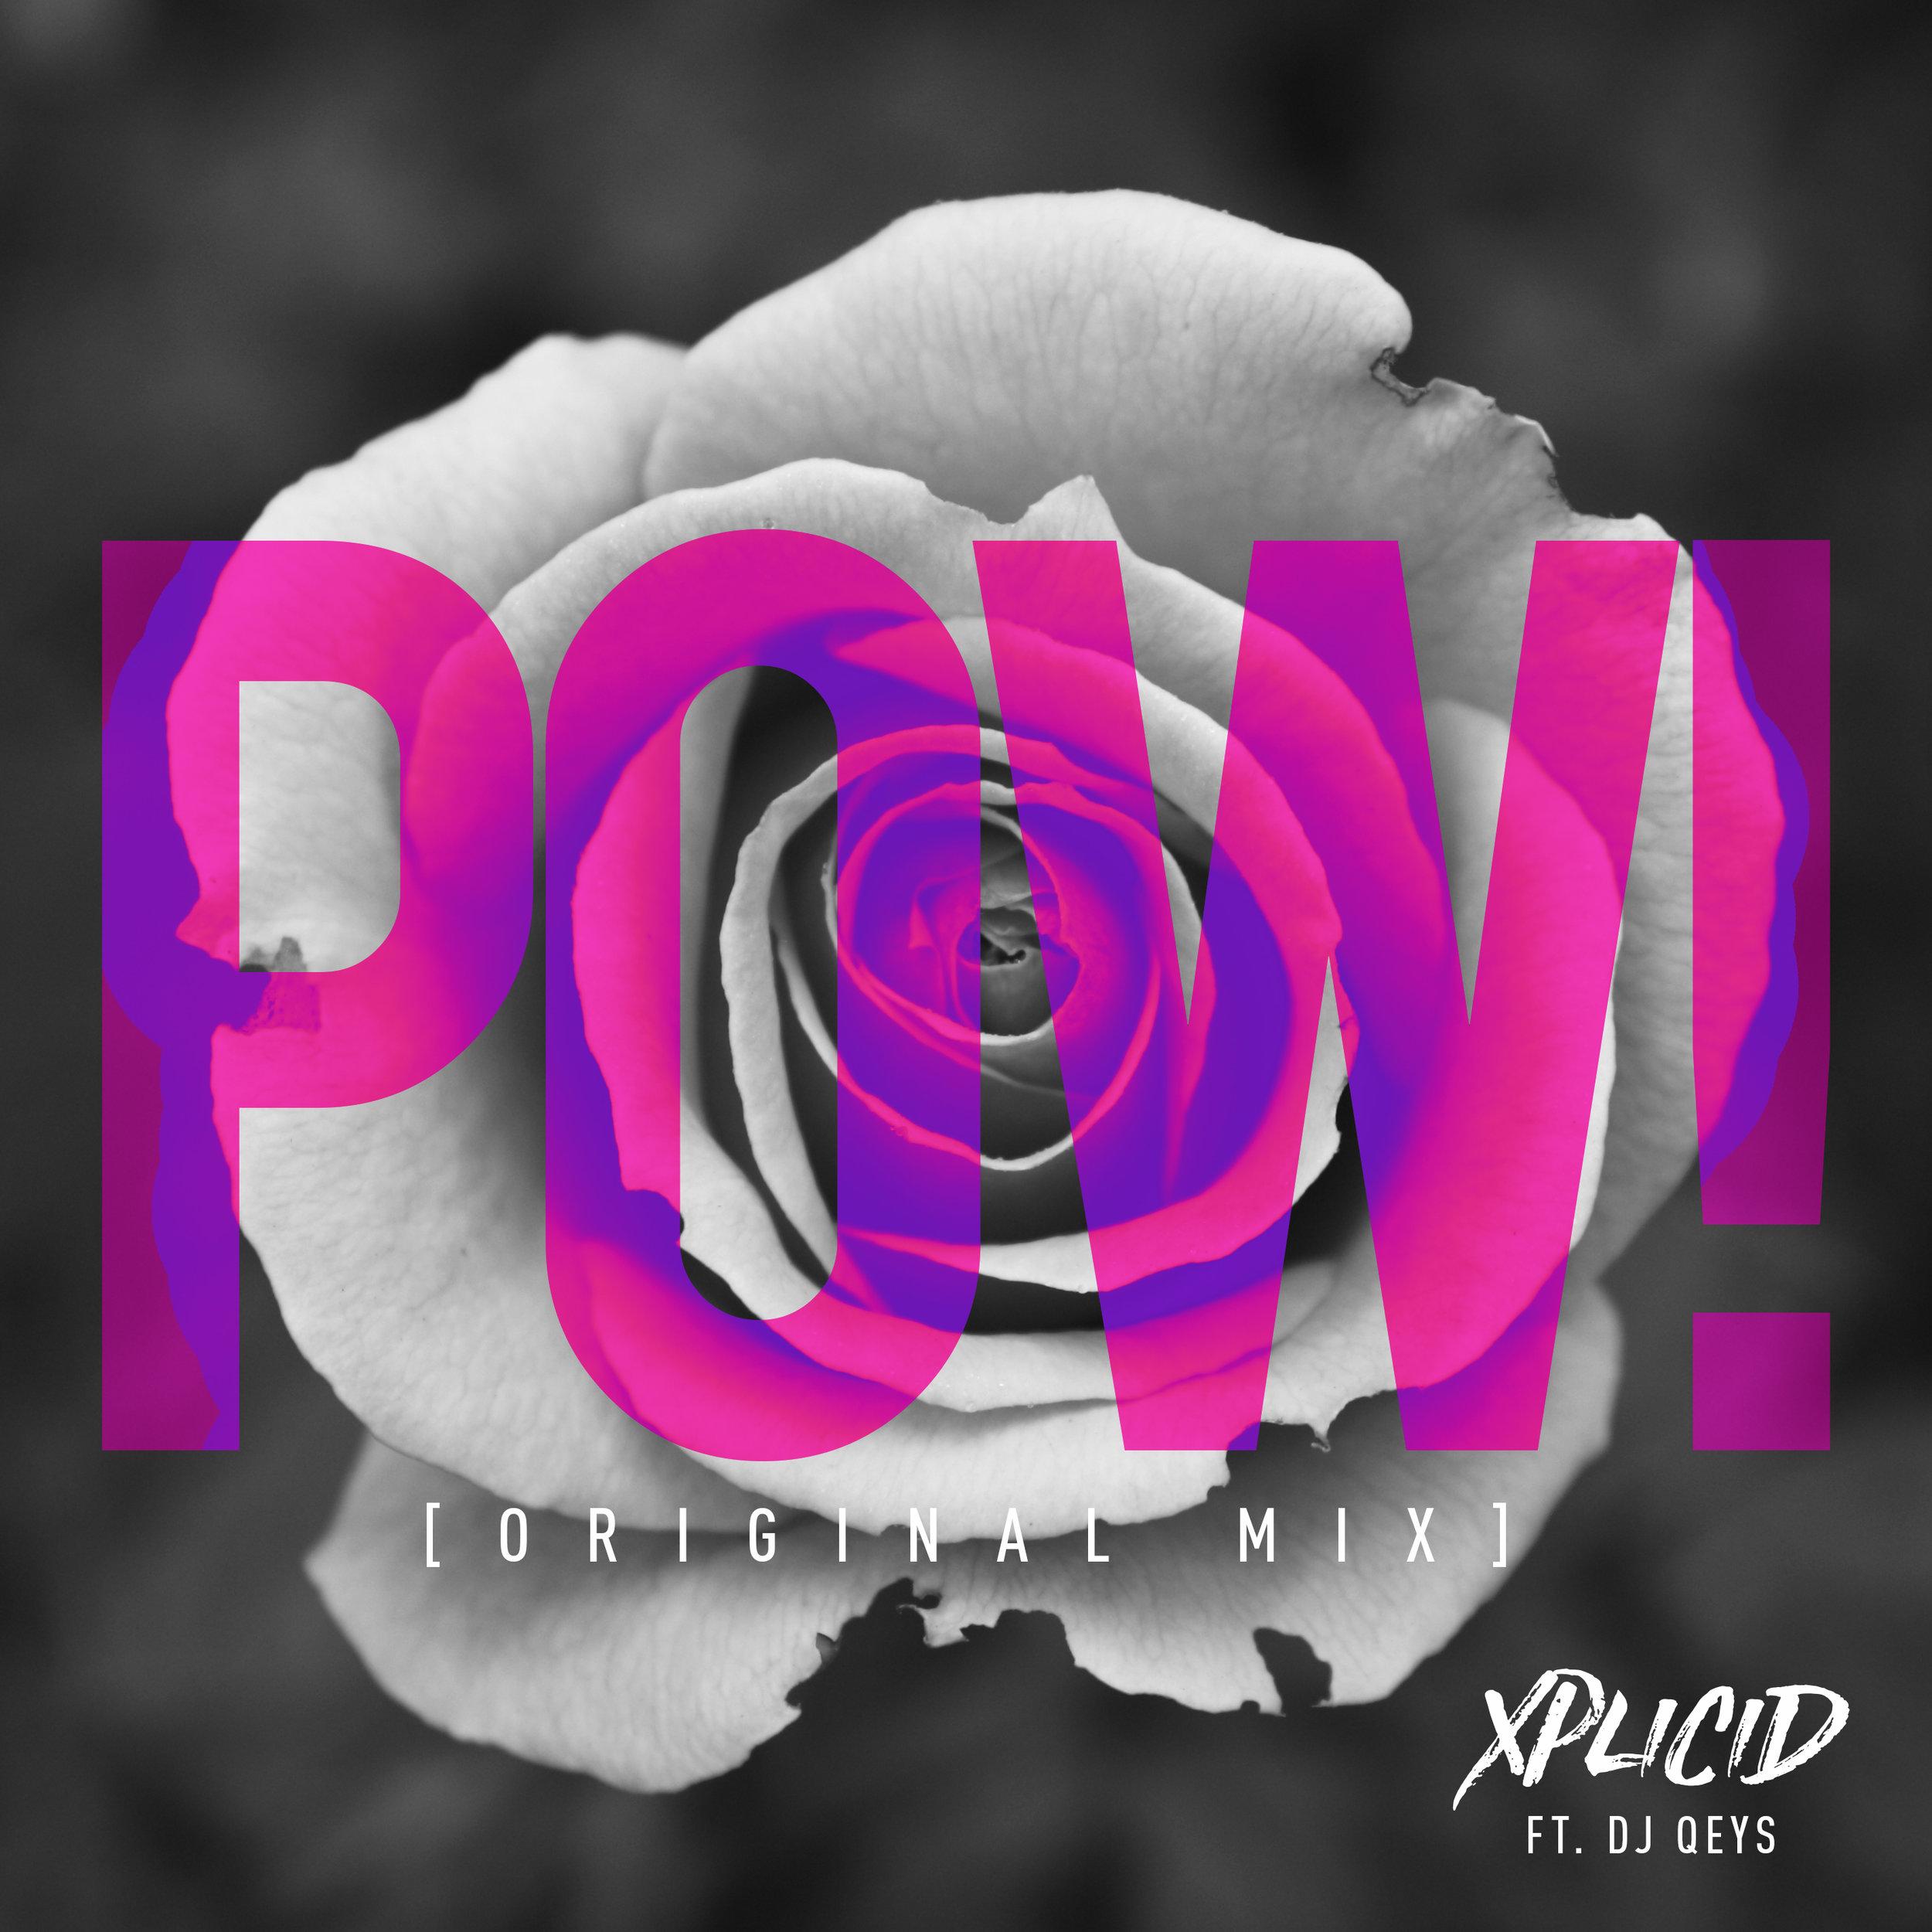 POW - Xplicid ft. DJ Qeys